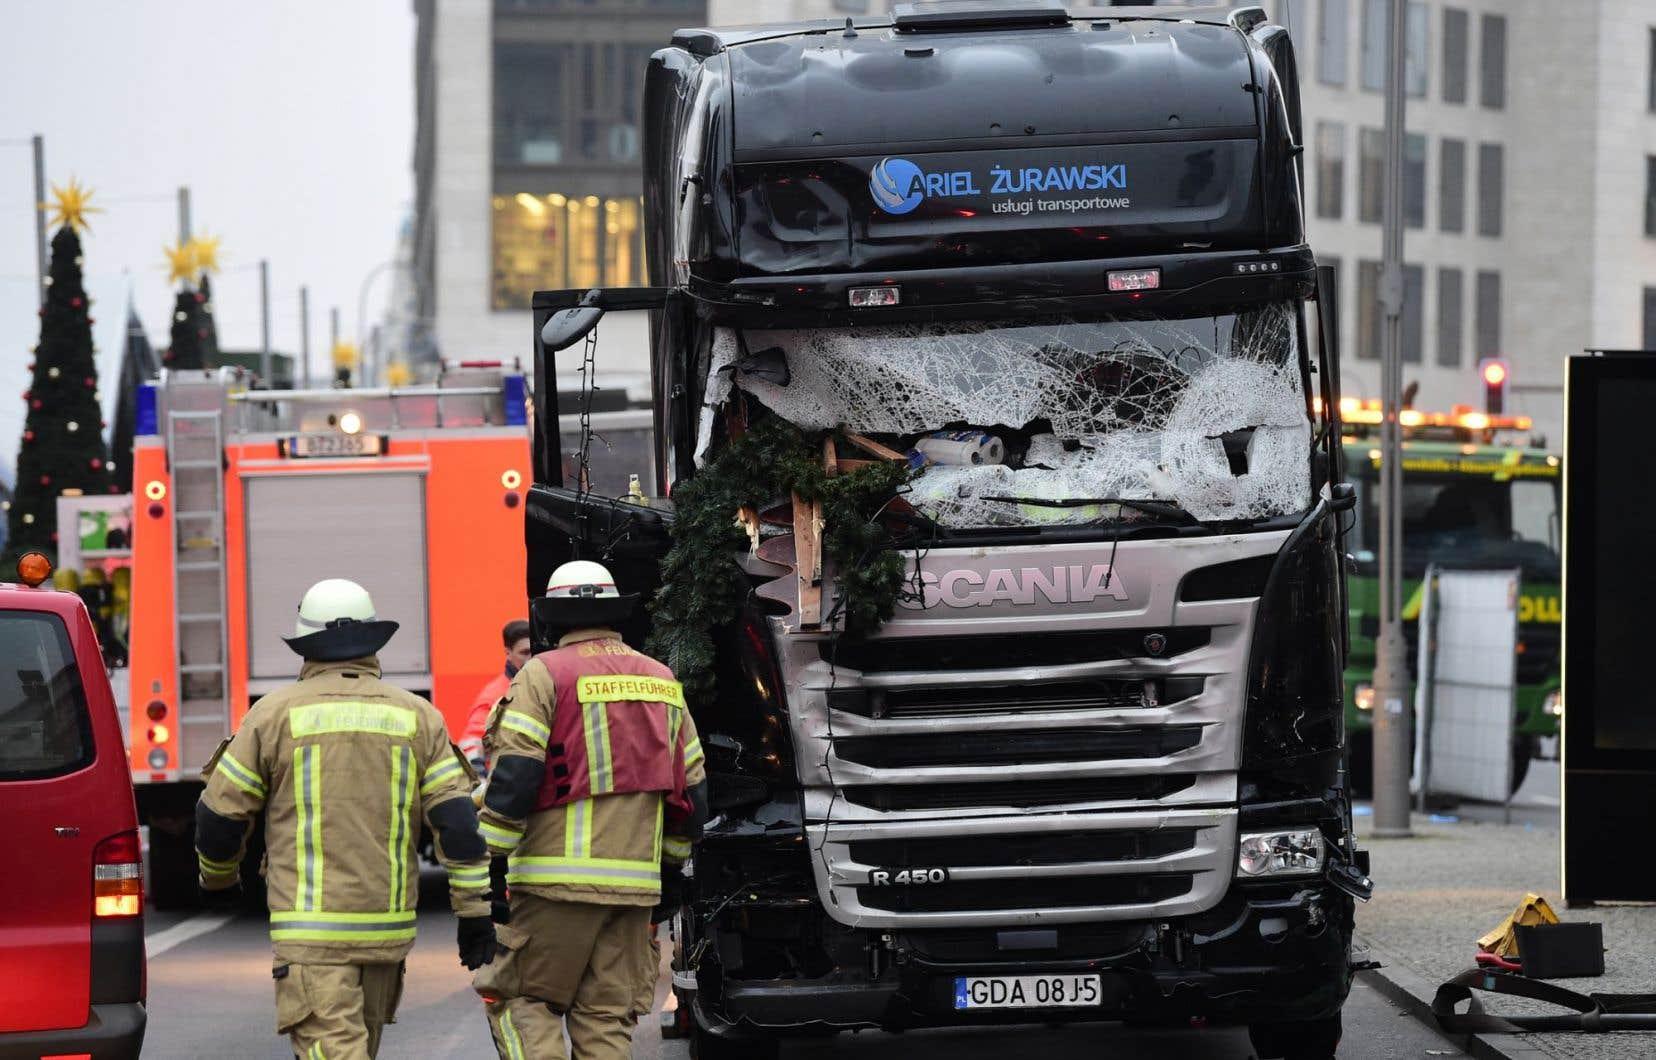 Selon les renseignements allemands, 548 islamistes vivant ou ayant vécu en Allemagne constituent actuellement une menace pour la sécurité publique.